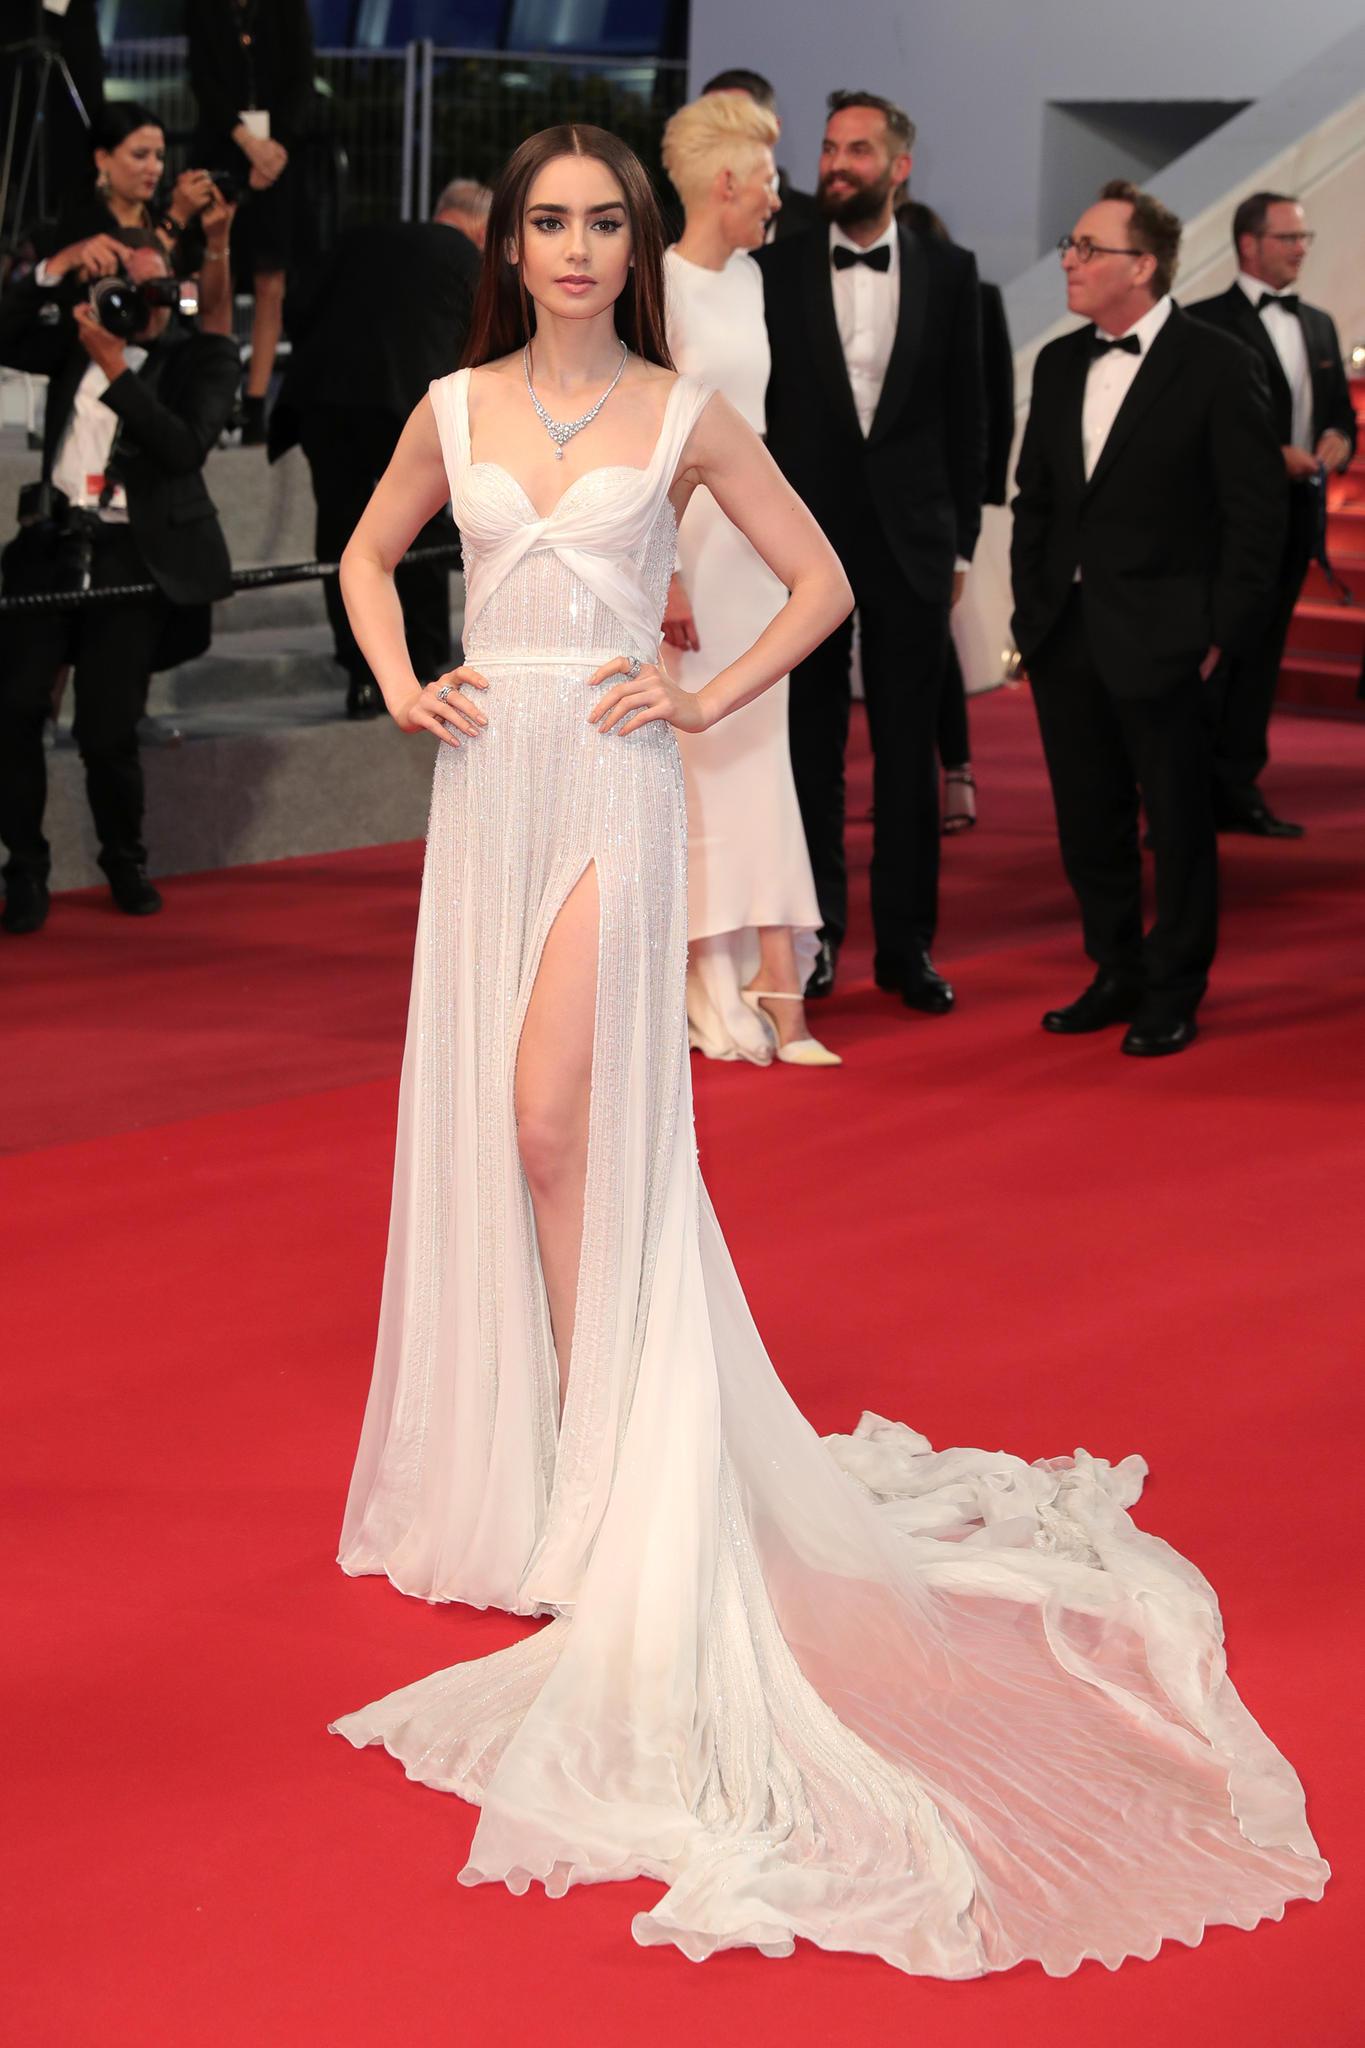 Lily Collins in einem weich fließenden weißen Kleid in Cannes 2017